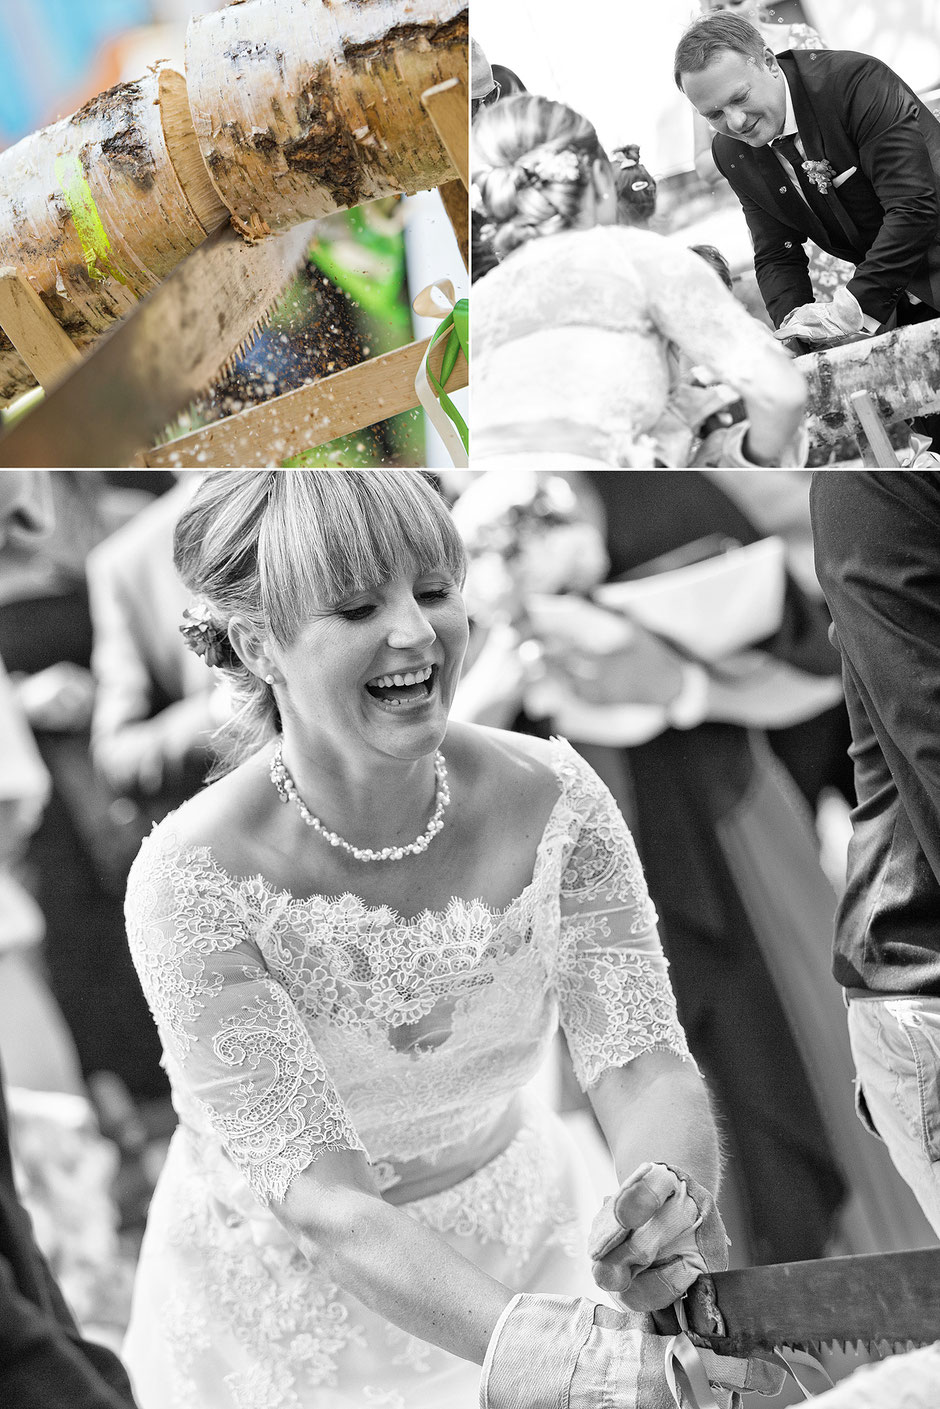 baumstammsägen, hochzeitsbrauch, Hochzeit oberwiesenthal, Hochzeit erzgebirge